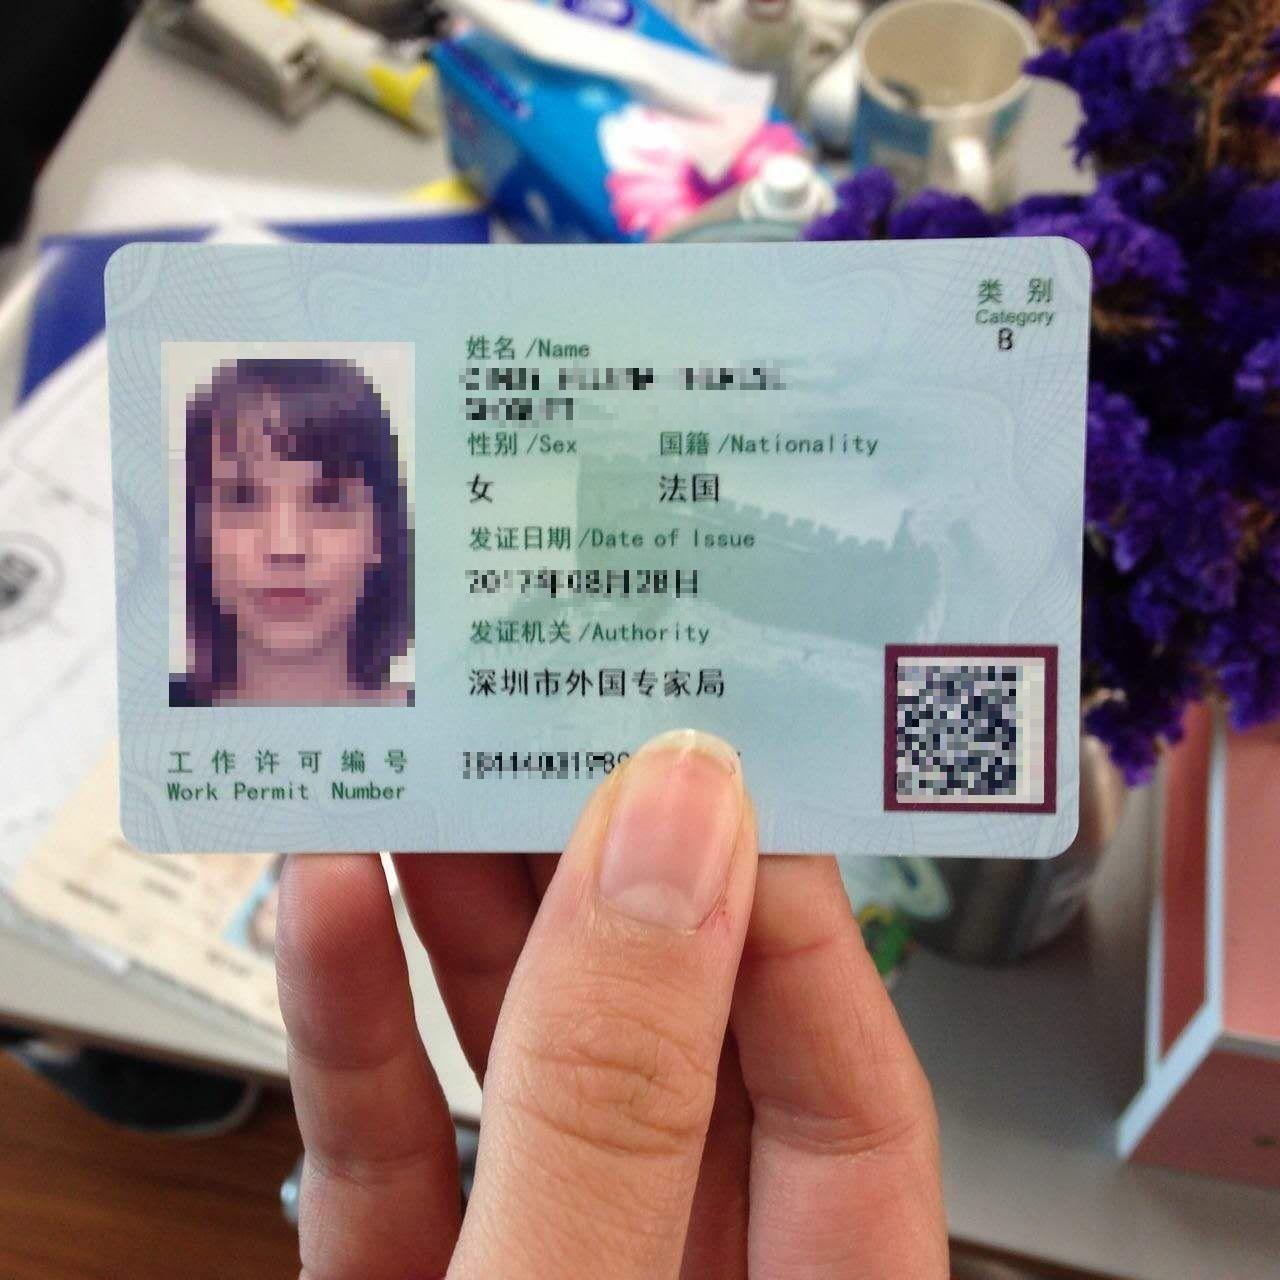 Travailler en Chine: comment obtenir un visa travail, démarches administratives et nouvelles réglementations (2017)